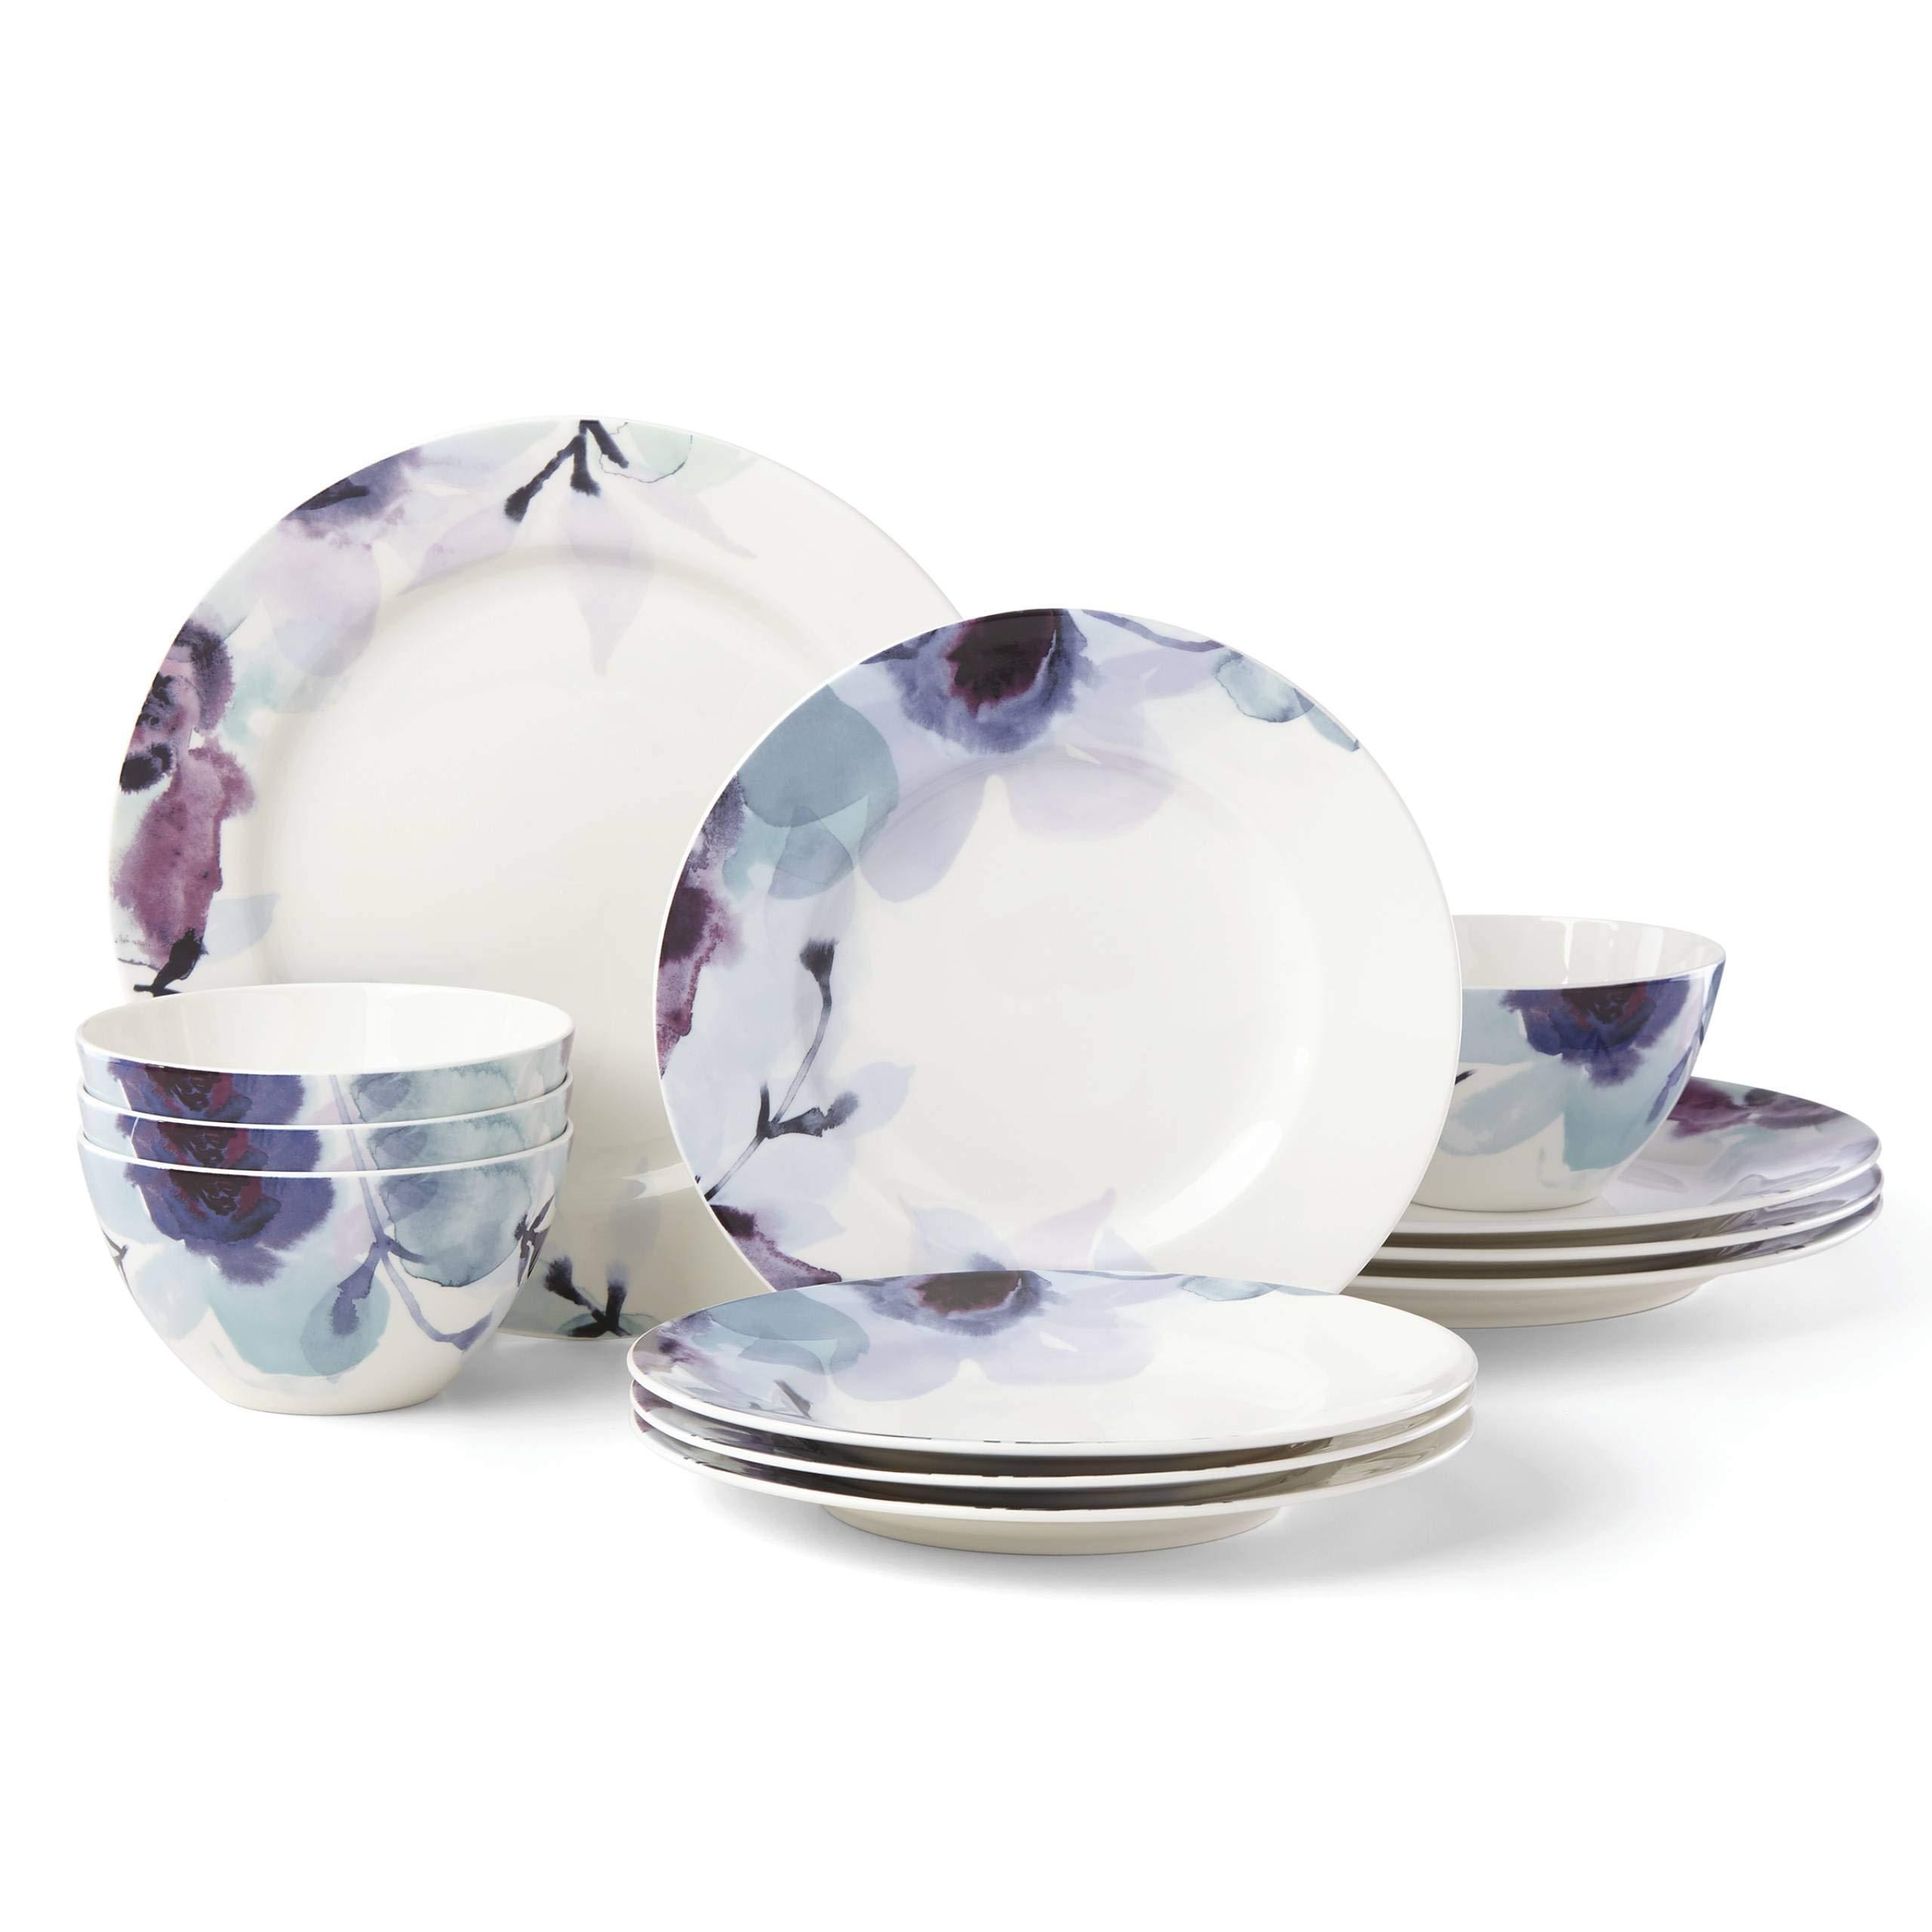 LENOX 885148 Indigo Watercolor Floral 12-Piece Dinnerware Set, 18.45 LB, Blue